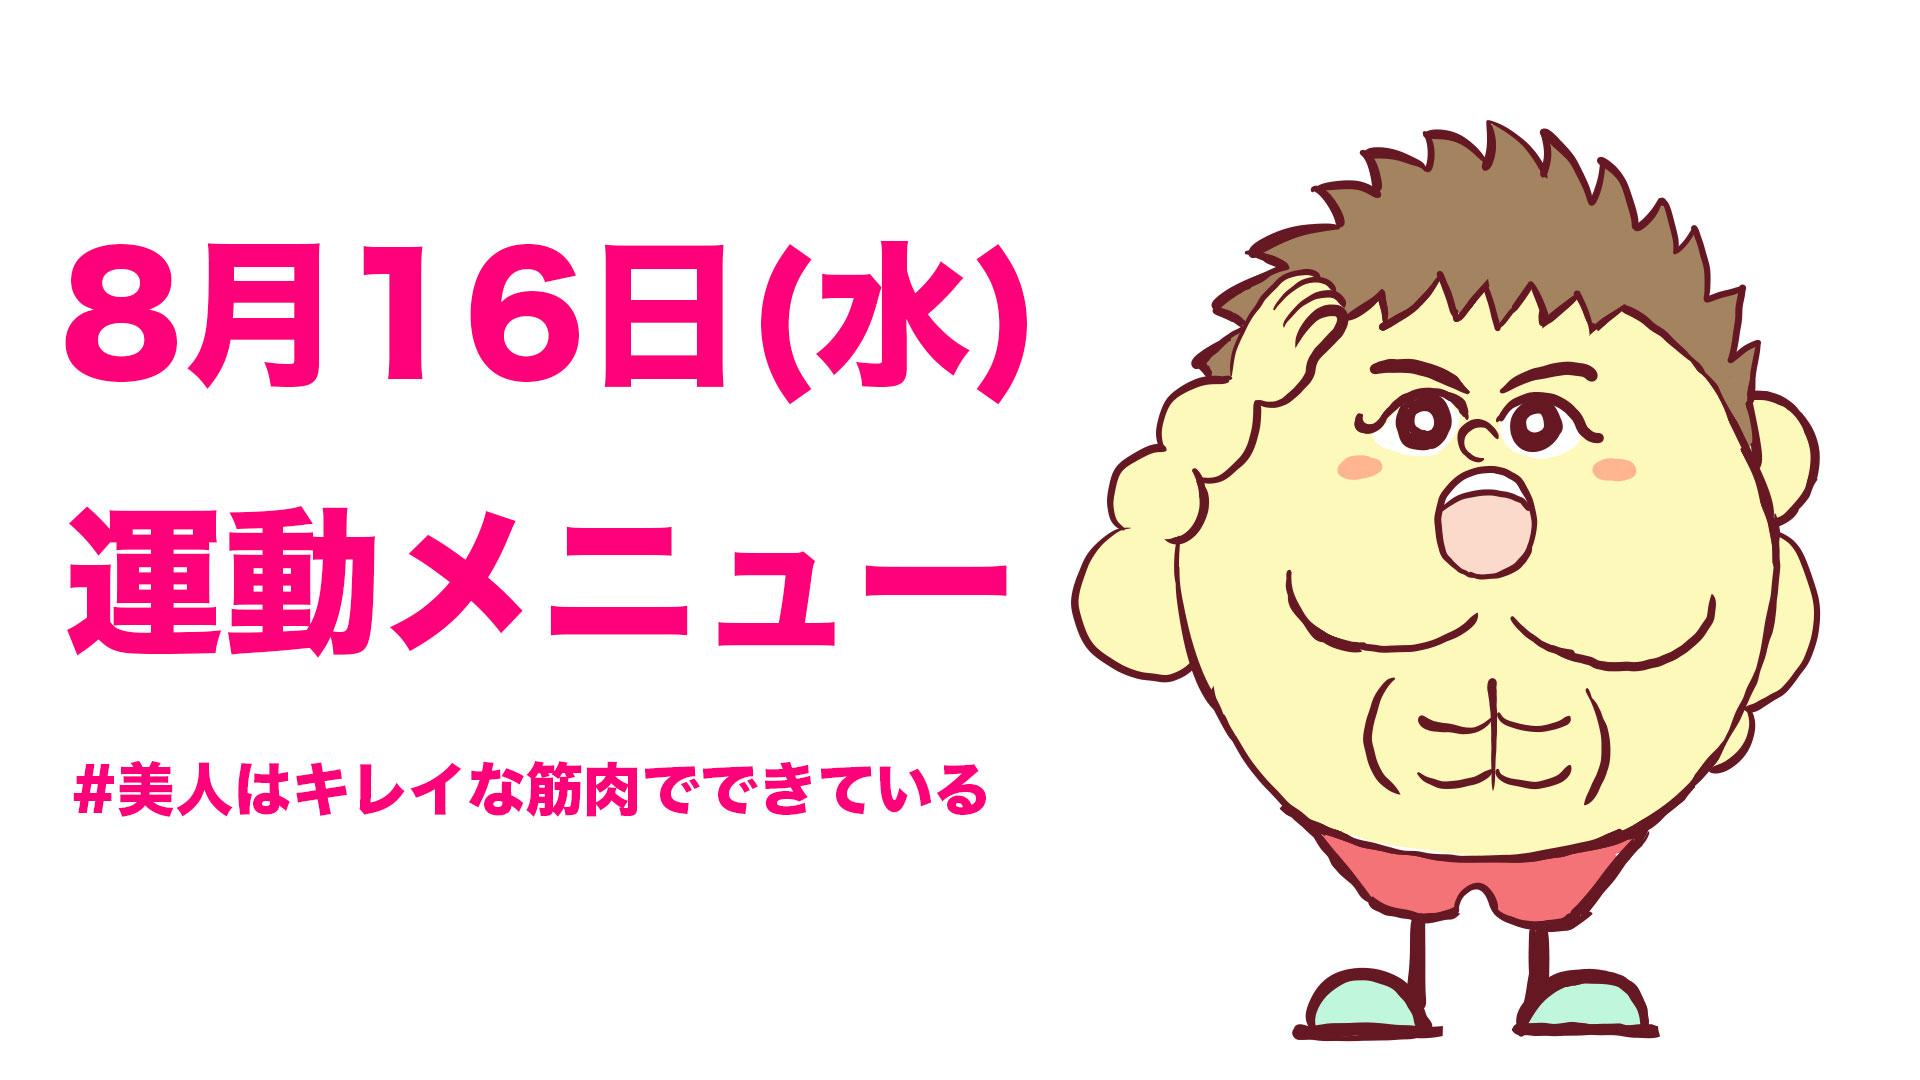 8/16の運動メニュー!